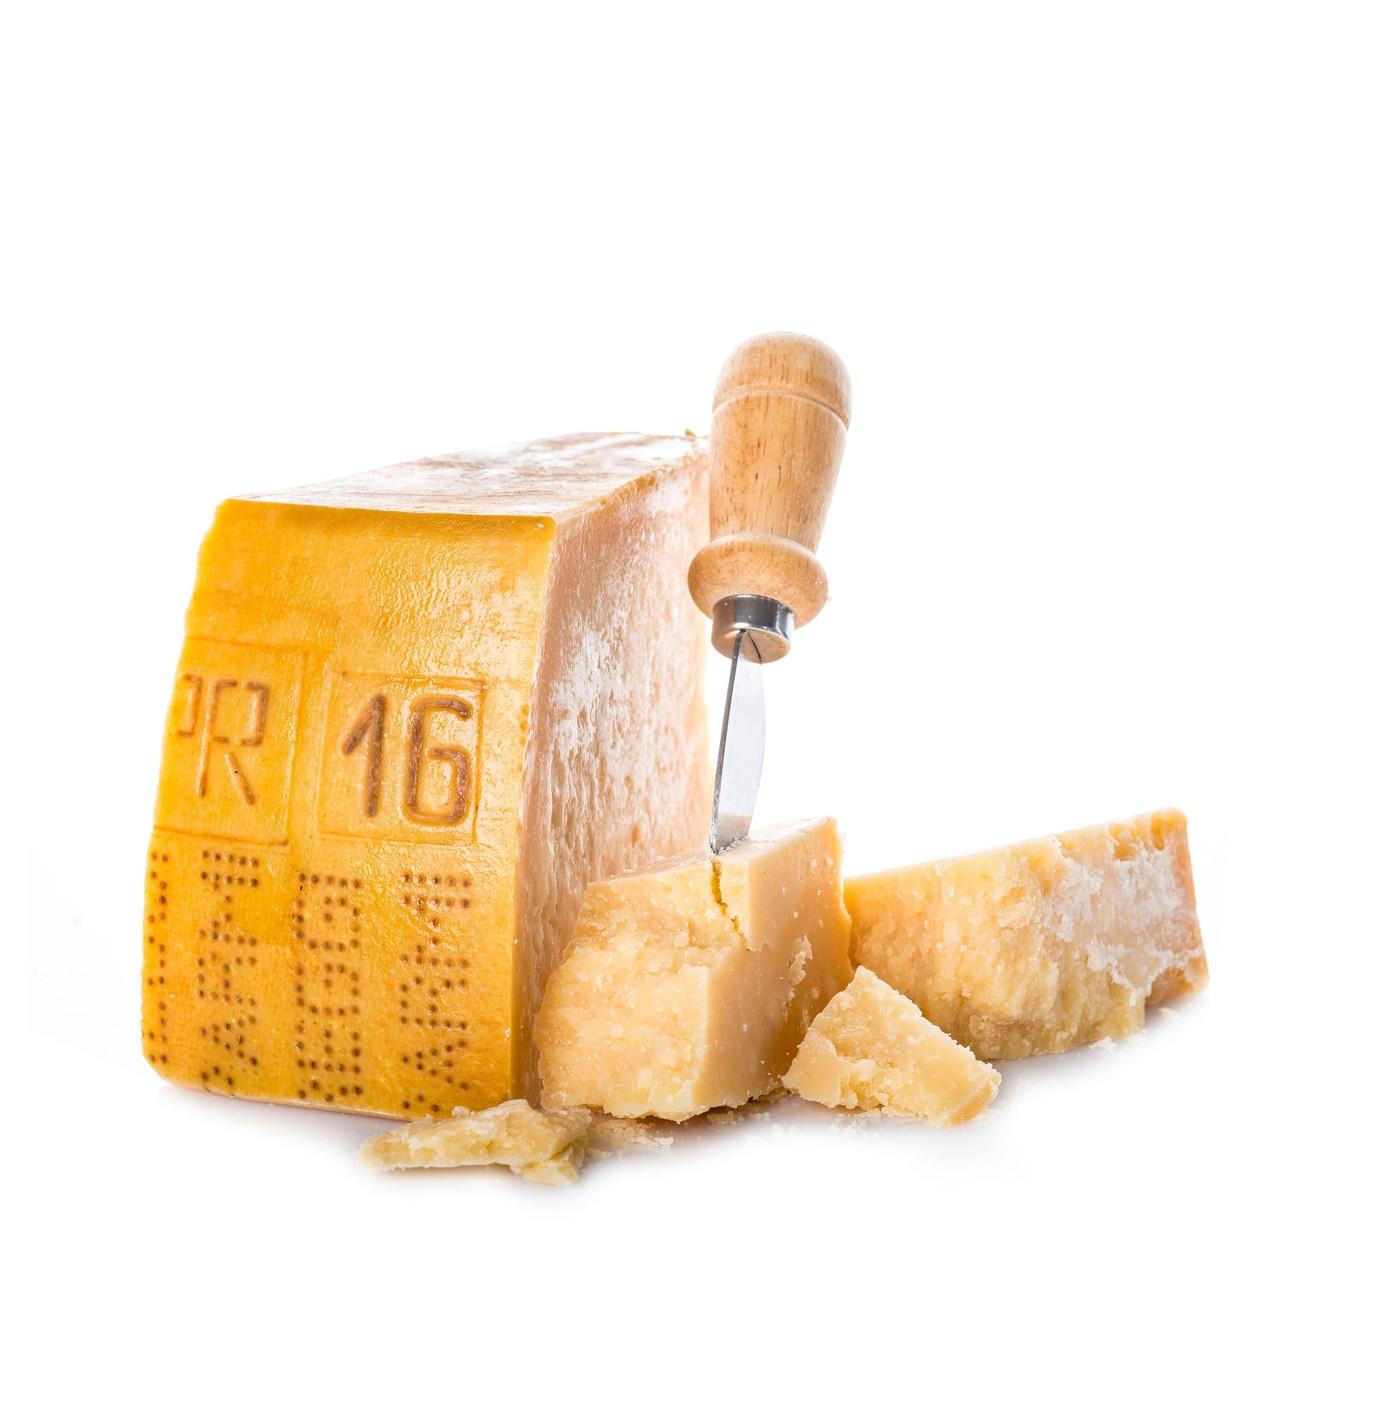 receta de Parmigiano reggiano dop 18 meses